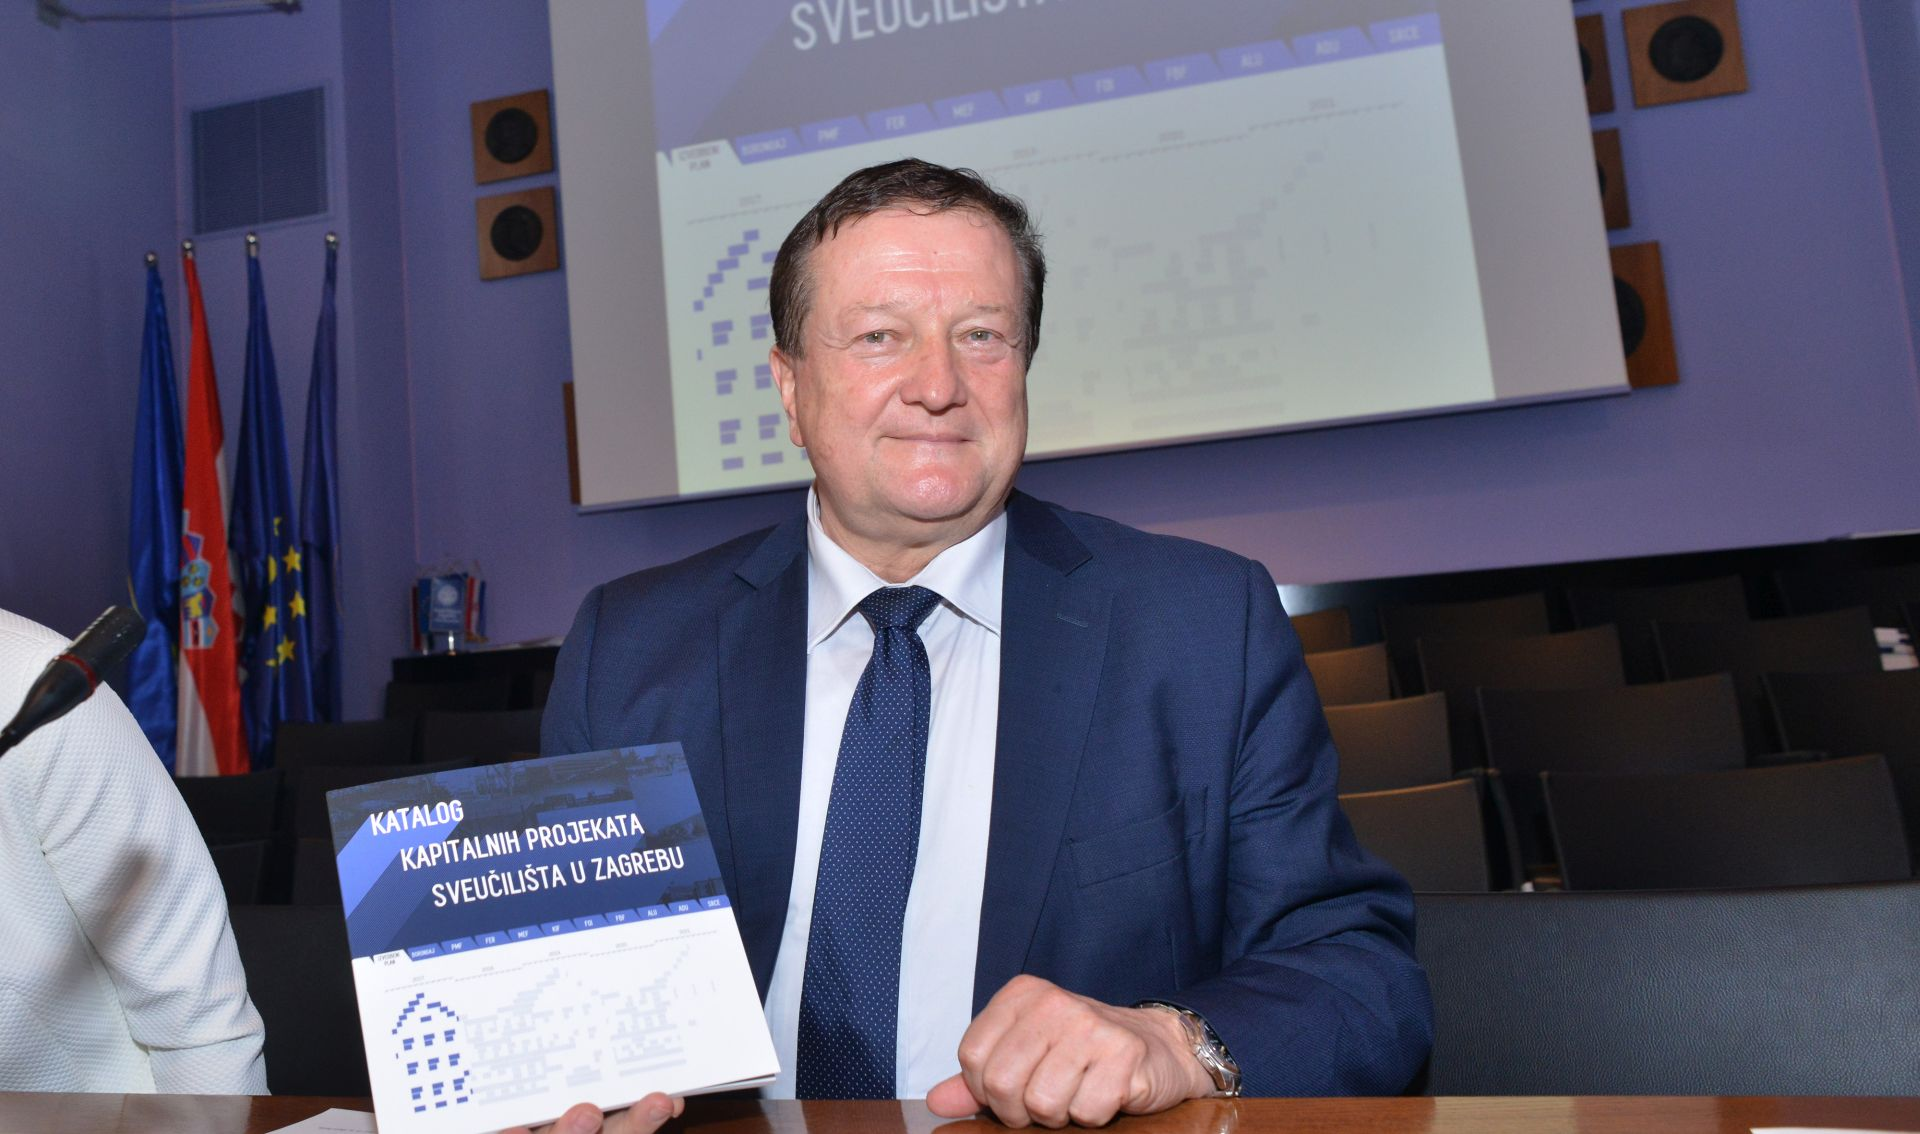 Sveučilište u Zagrebu predstavilo katalog kapitalnih projekata